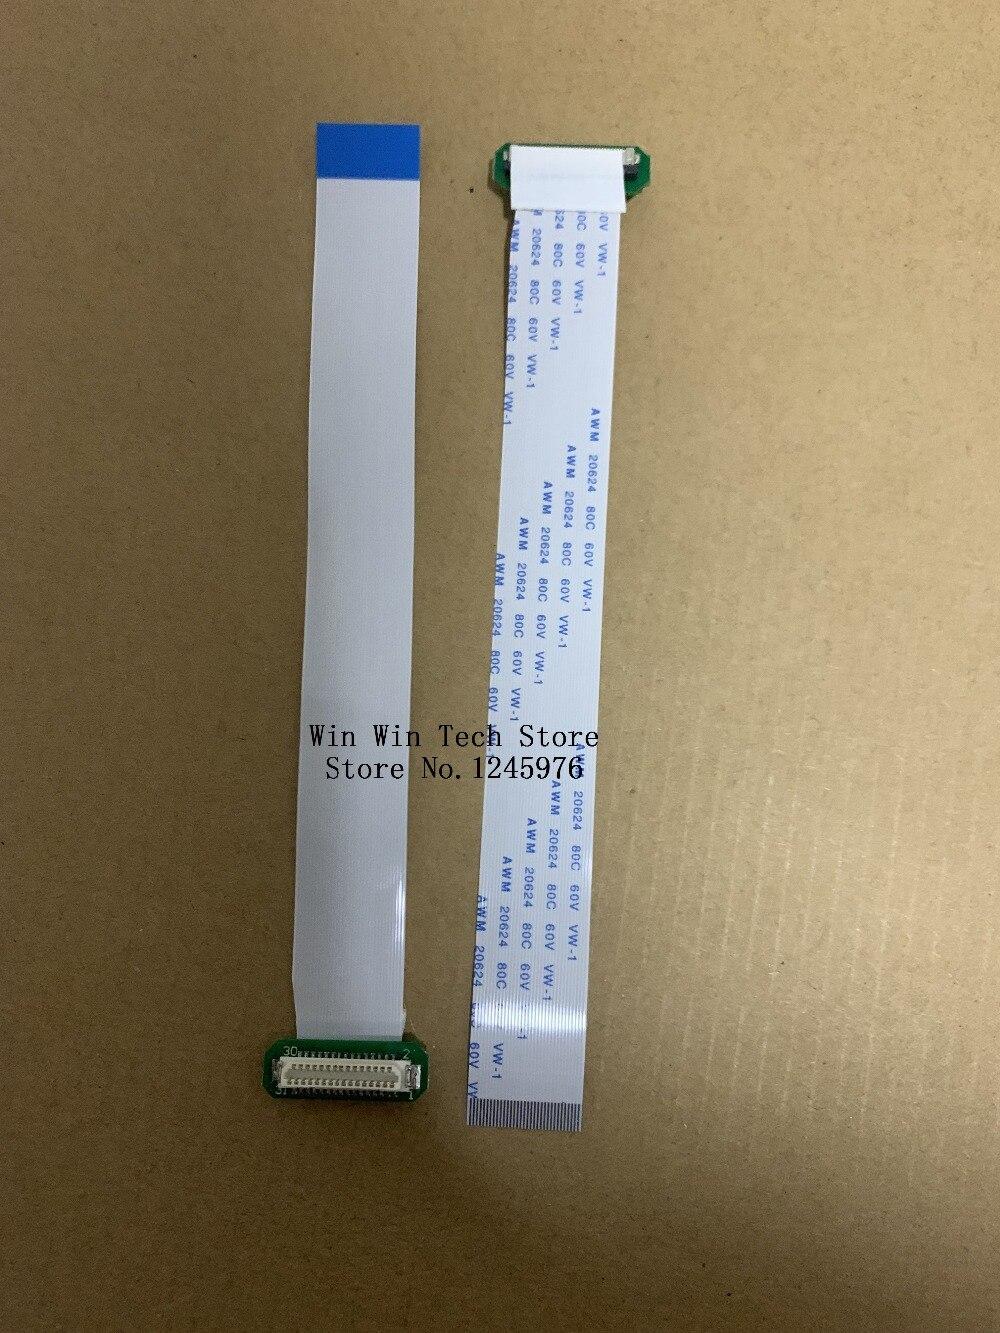 Yeni dokunmatik ekran kablo A5E00757788 A5E02119485 AS01 A5E03016754-AS01for dokunmatik HMI 6AV6643-0CD01-1AX1 MP277Yeni dokunmatik ekran kablo A5E00757788 A5E02119485 AS01 A5E03016754-AS01for dokunmatik HMI 6AV6643-0CD01-1AX1 MP277